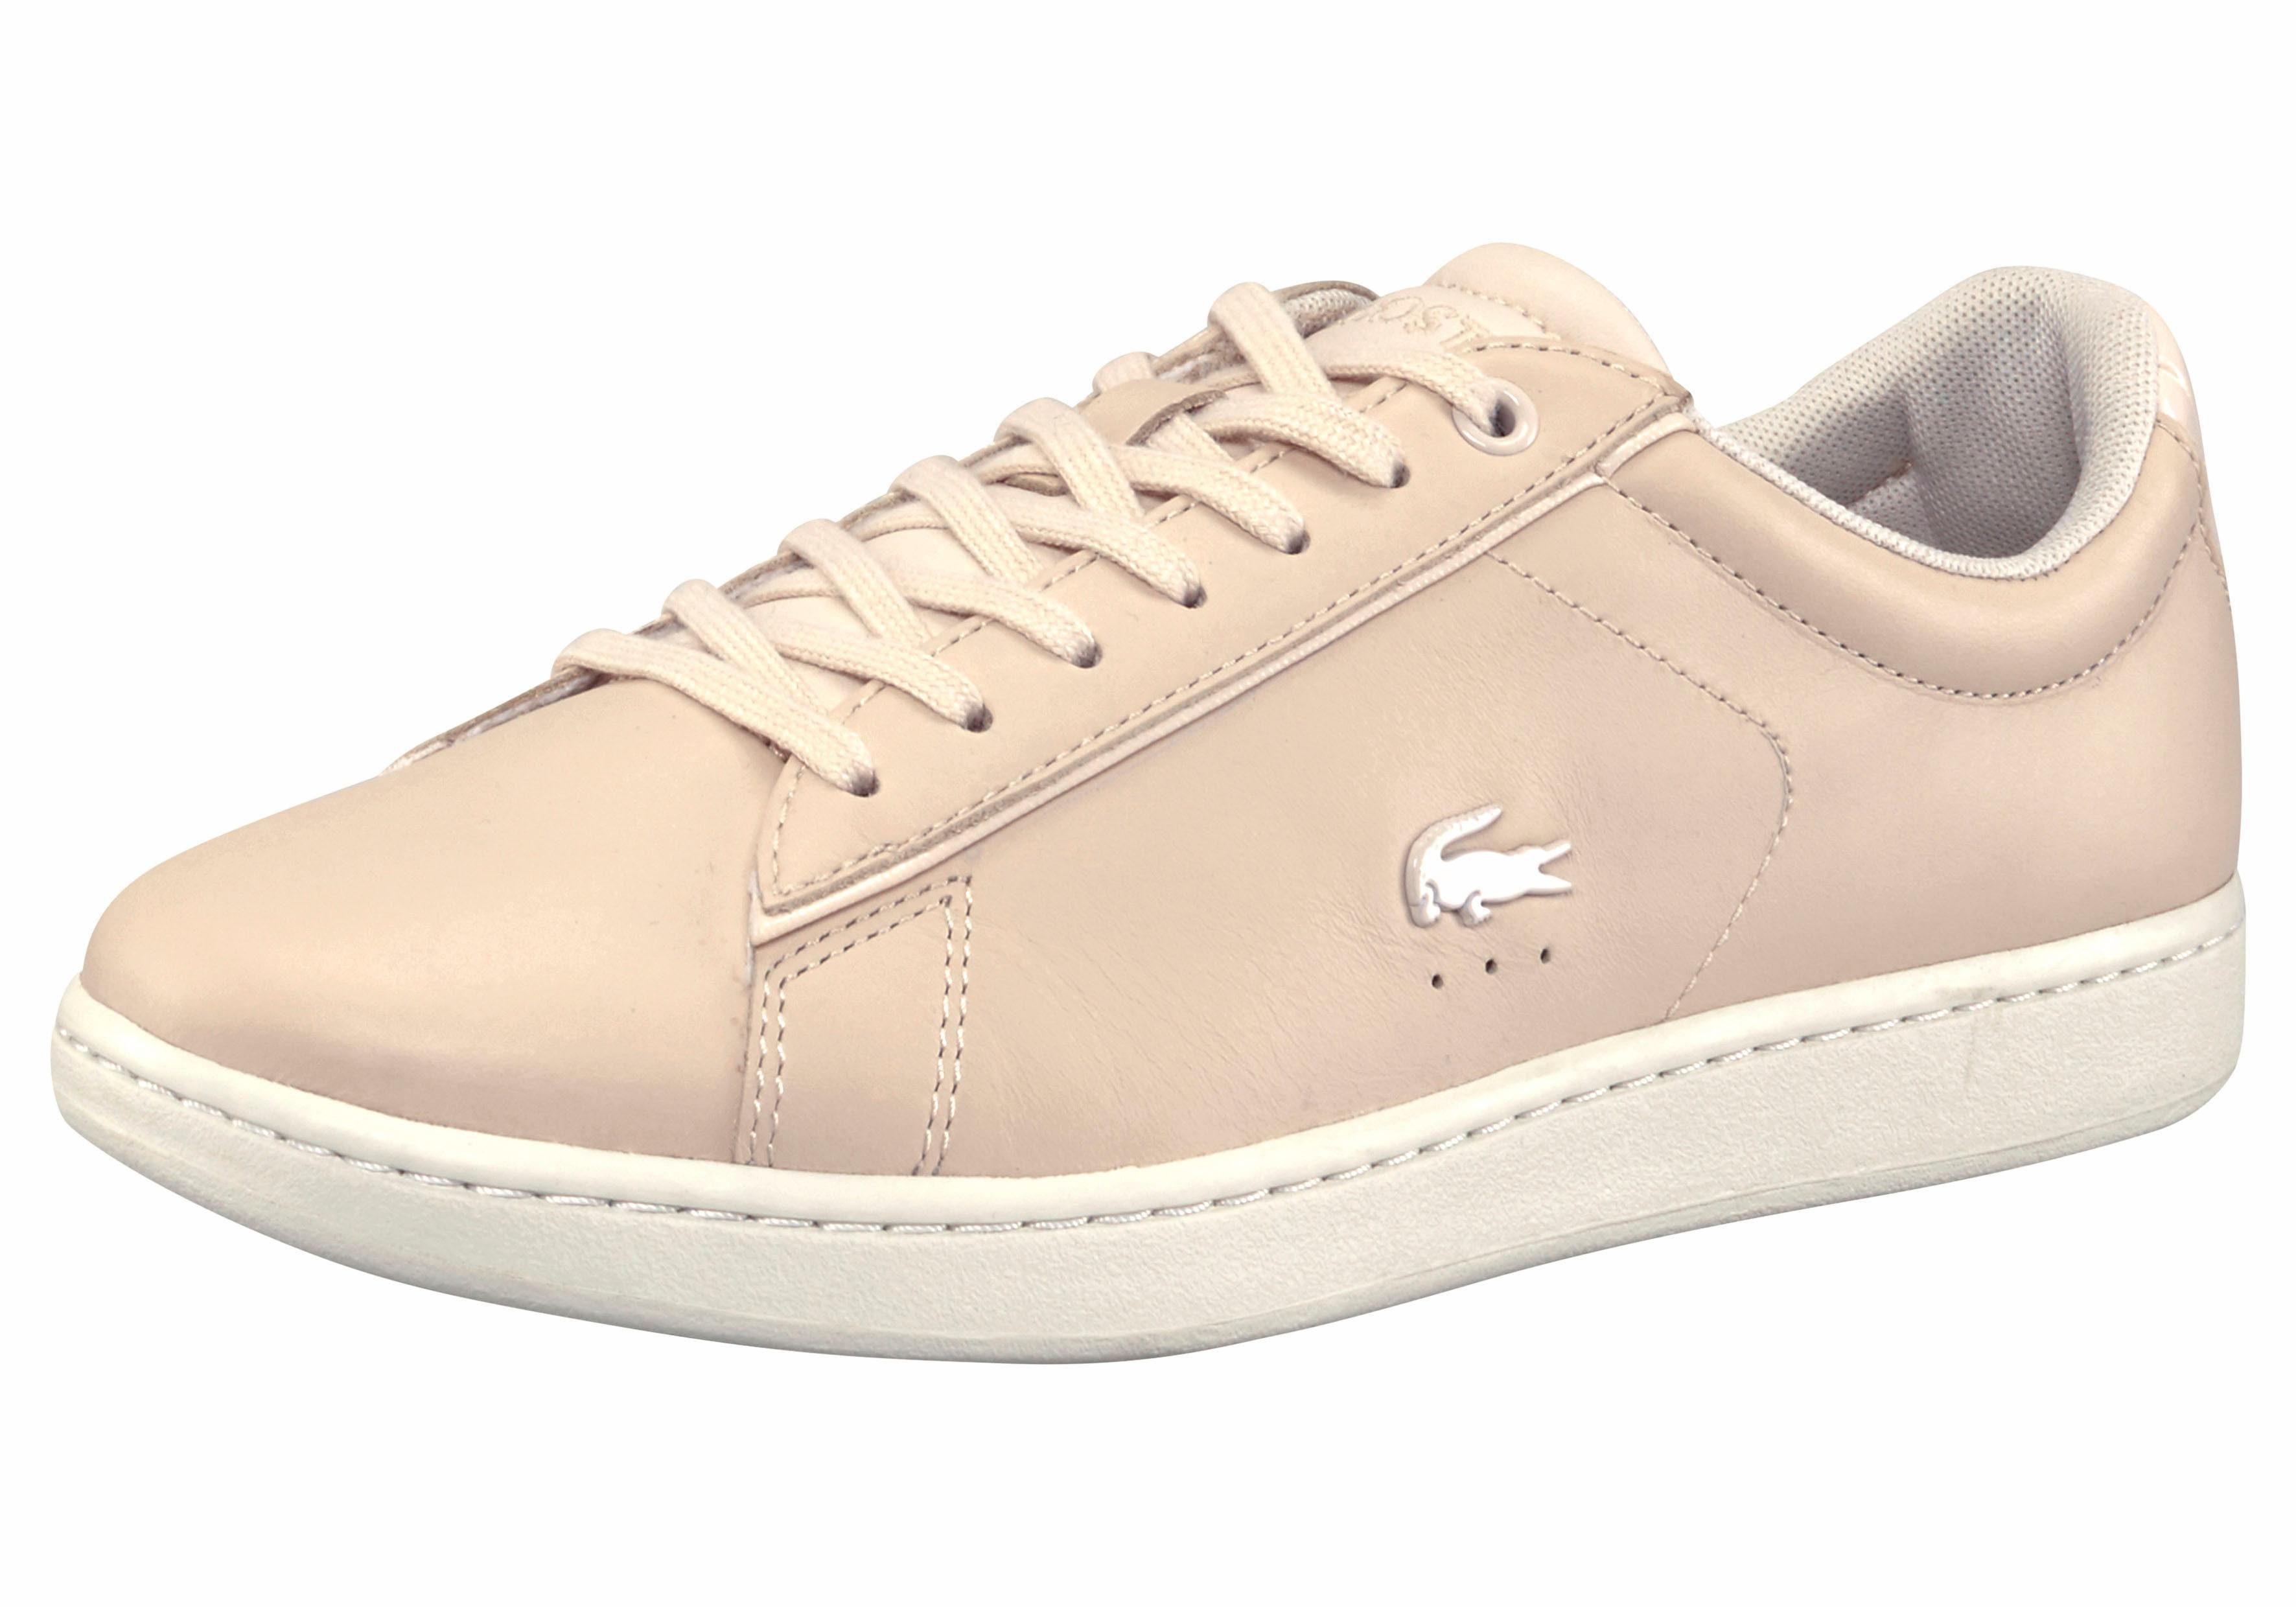 Licht Roze Sneakers : Lacoste sneakers carnaby evo w« online kopen otto